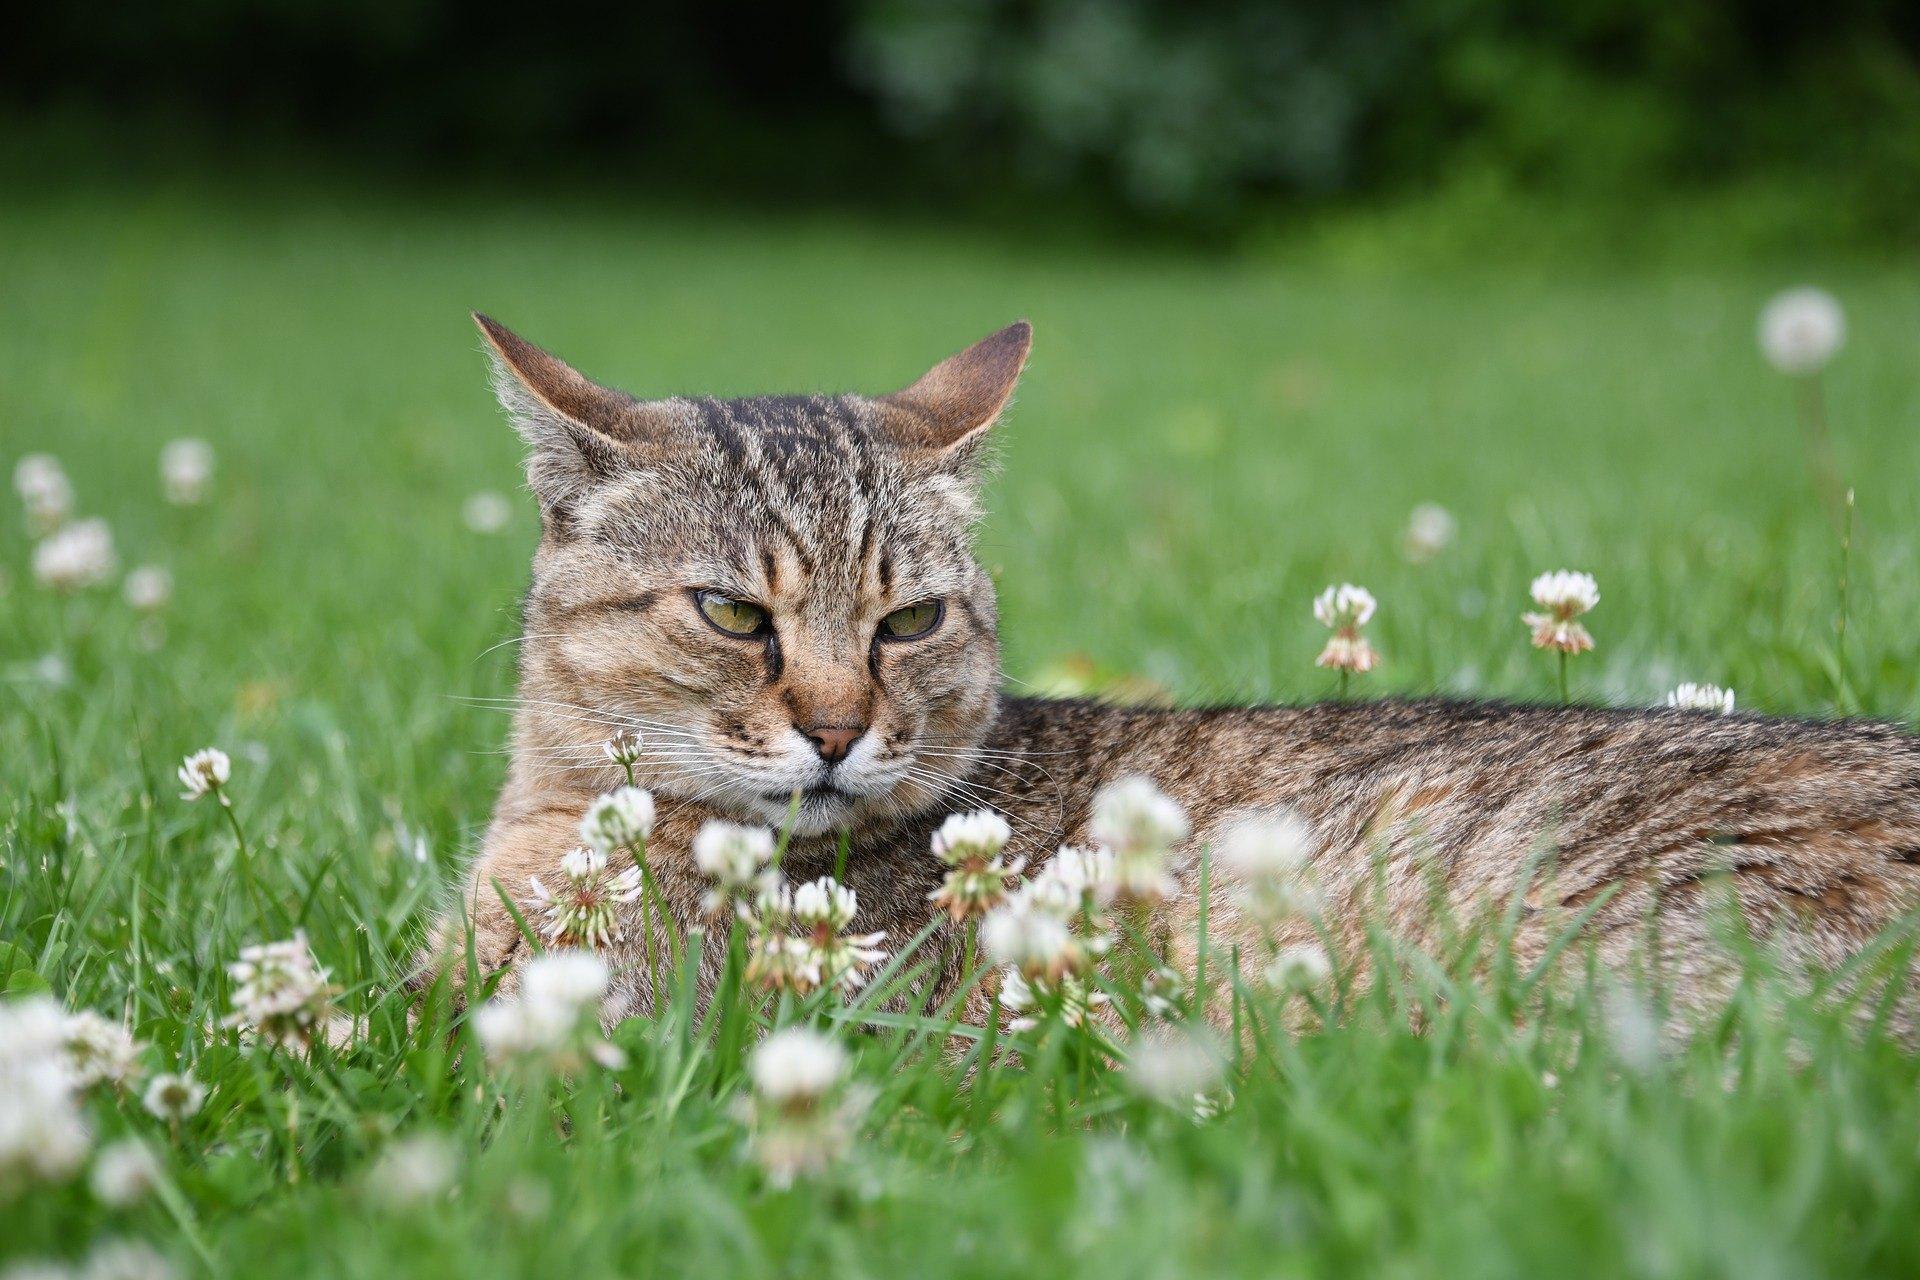 Eine aggressive Katze ist ein echtes Problem. Wenn Sie Hilfe bei der Linderung von schlechtem Verhalten benötigen, sollten Sie einen Tierarzt oder Behavioristen aufsuchen.